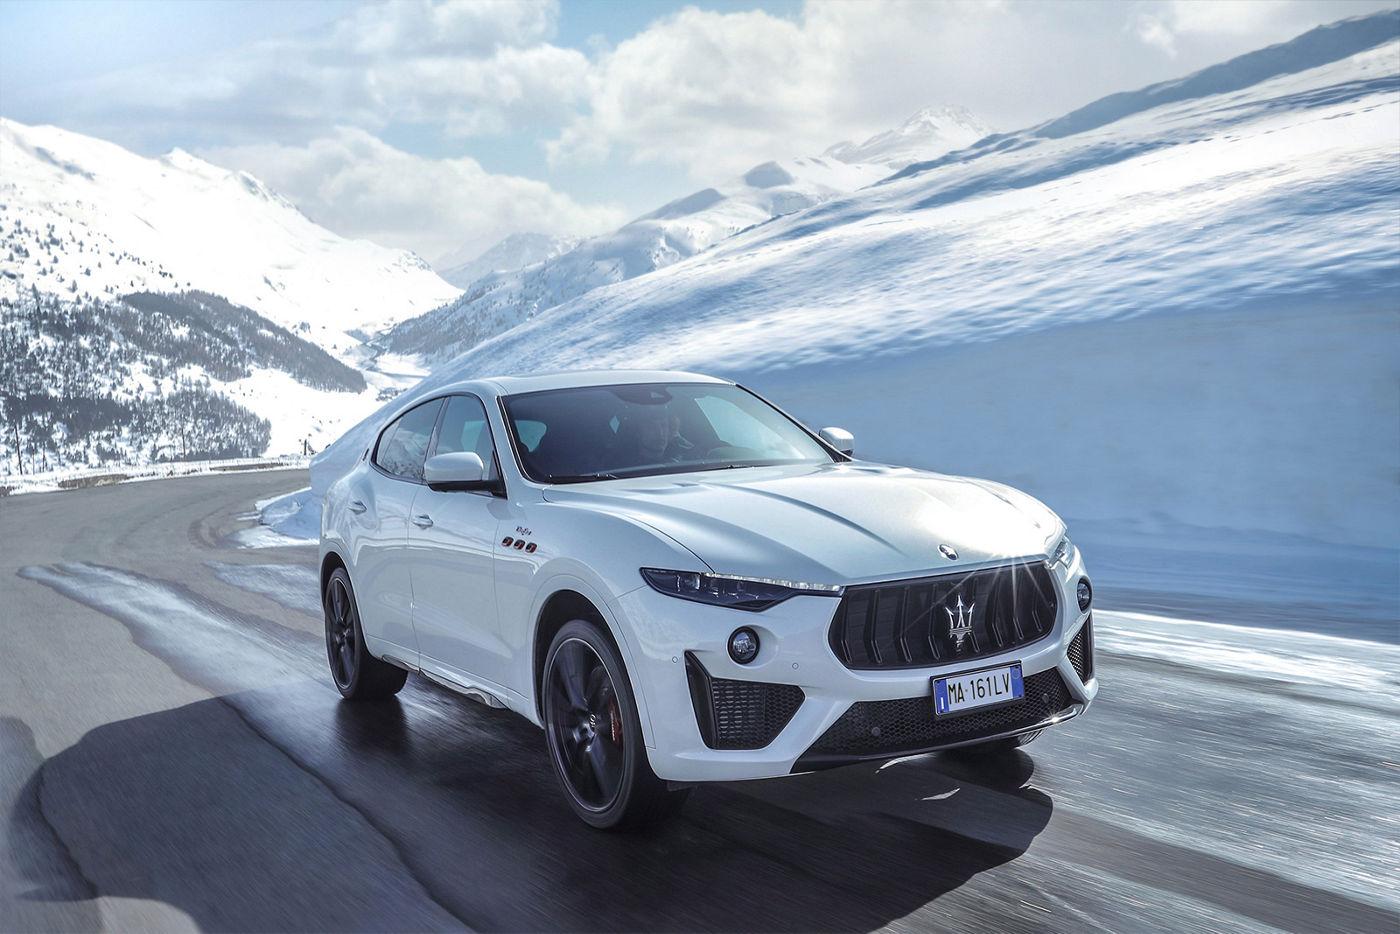 Giorgio Rocca im Maserati Levante - Schneelandschaft im Hintergrund